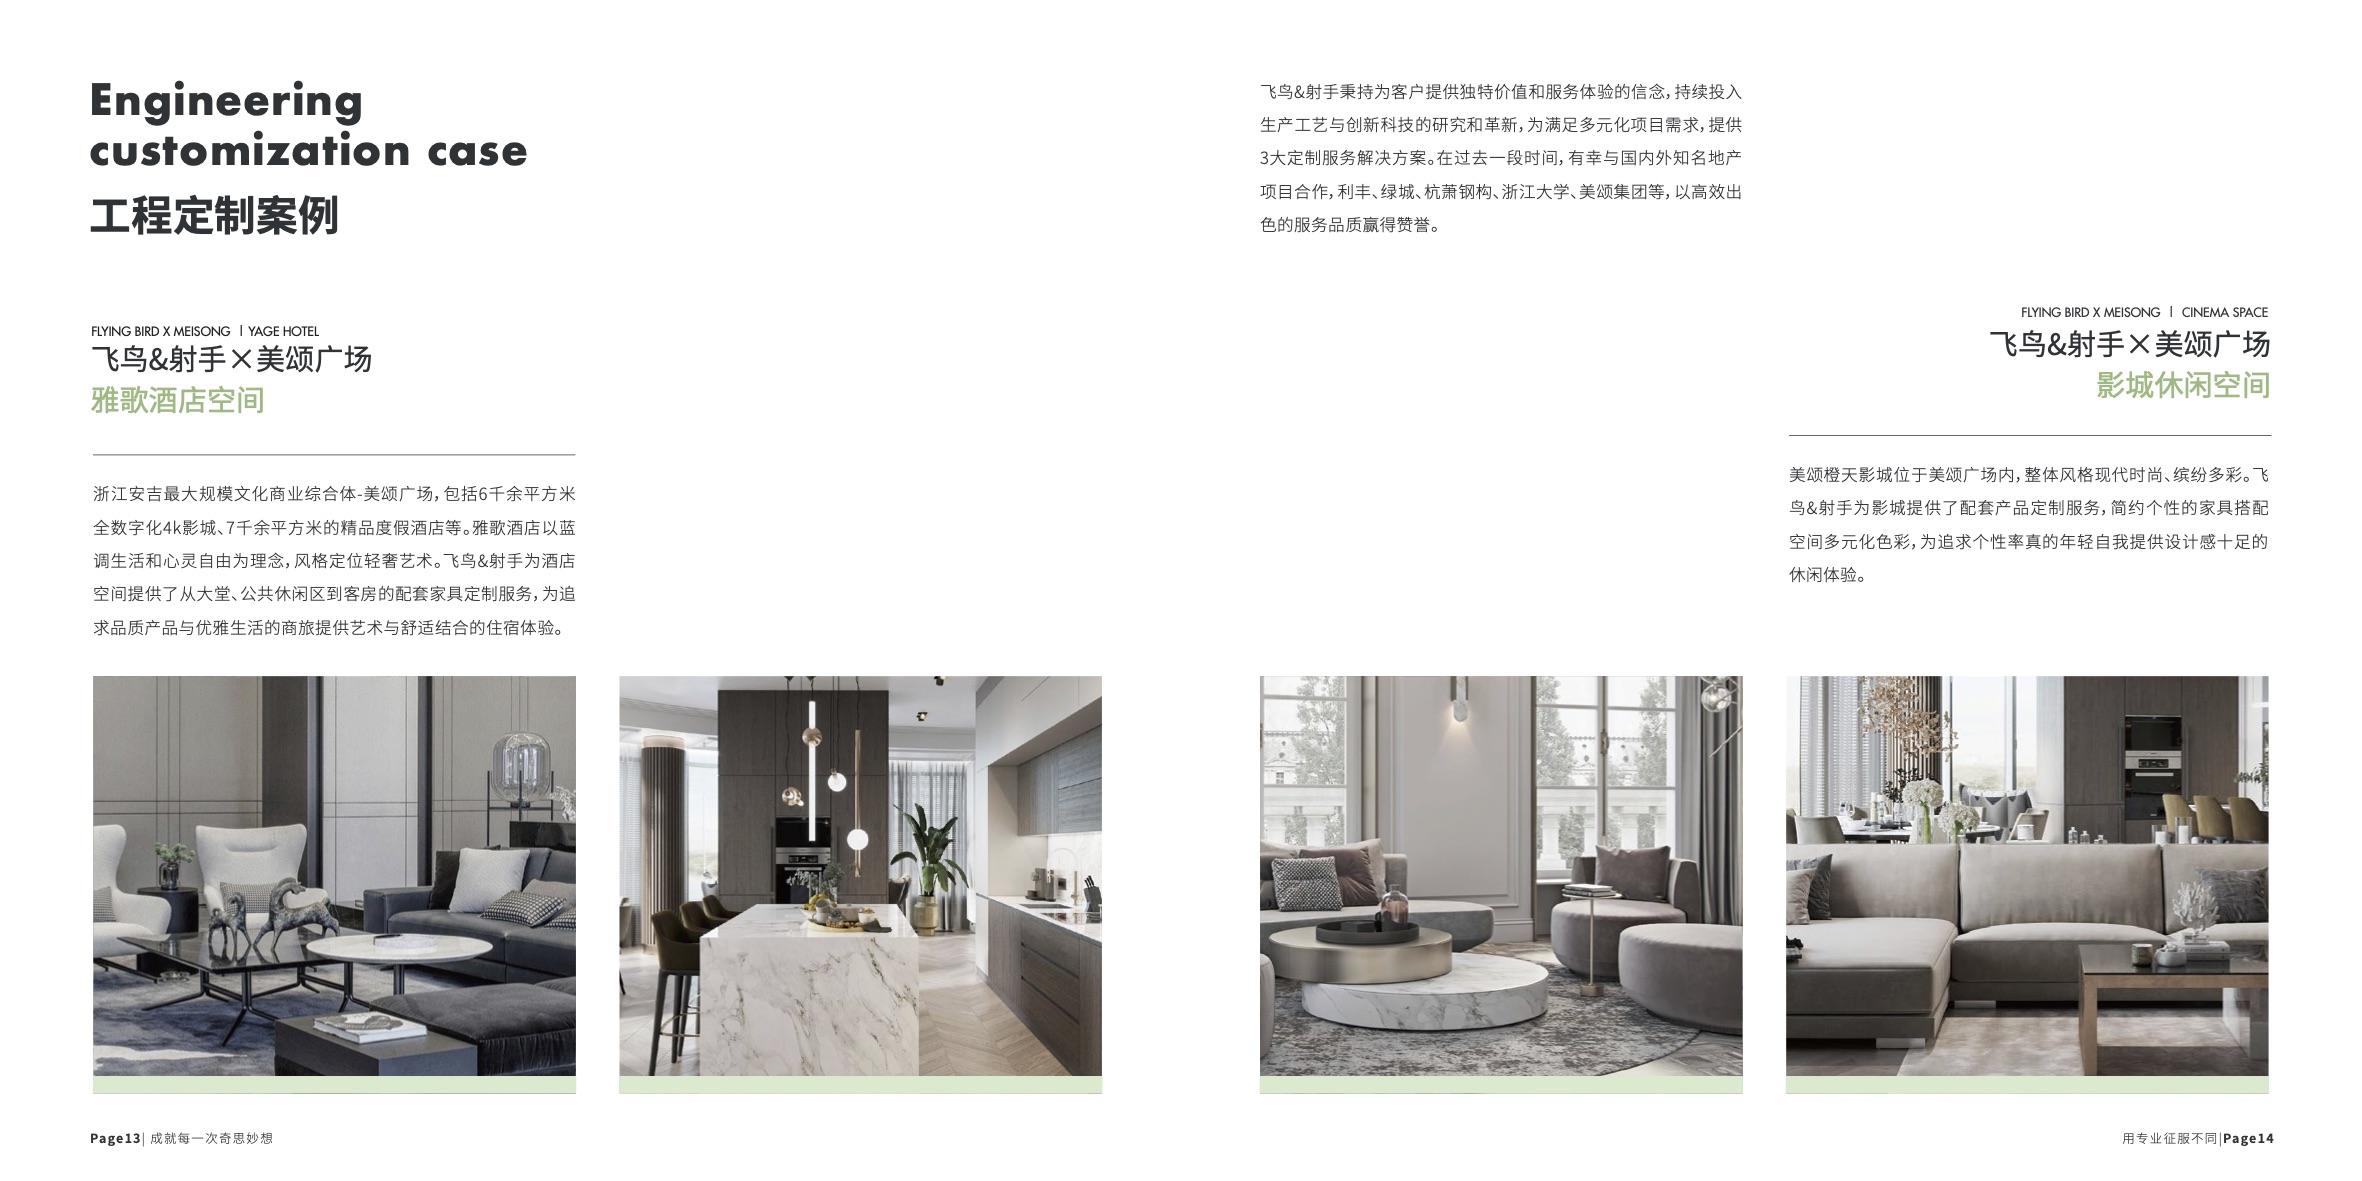 飞鸟射手品牌宣传册策划设计-产品宣传册设计-杭州达岸品牌策划设计公司